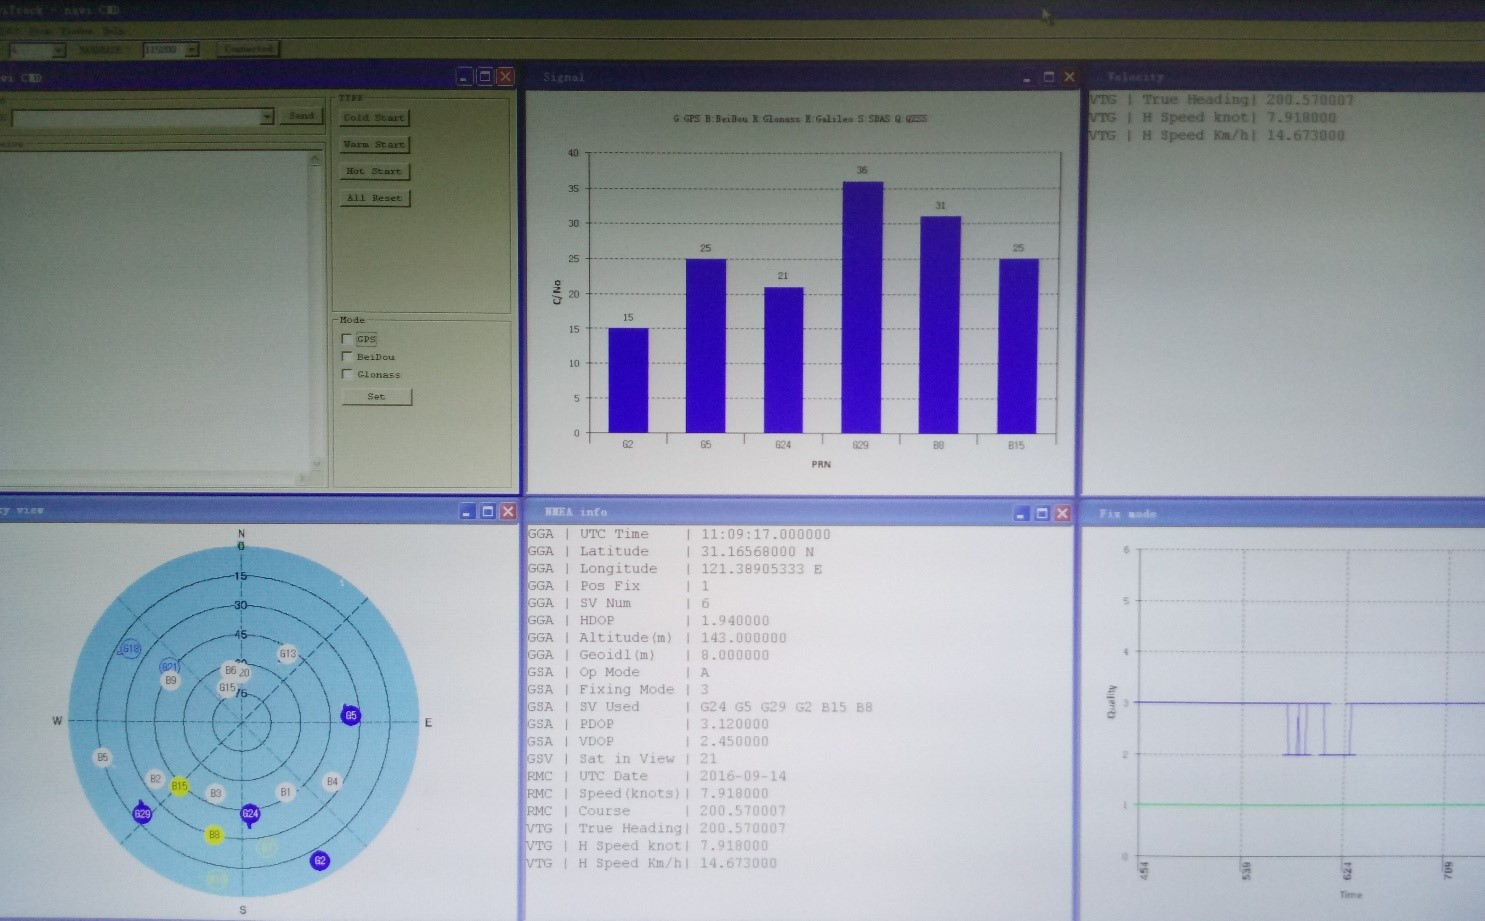 Air530 GPS/北斗定位模块_设计指导手册_V1.9